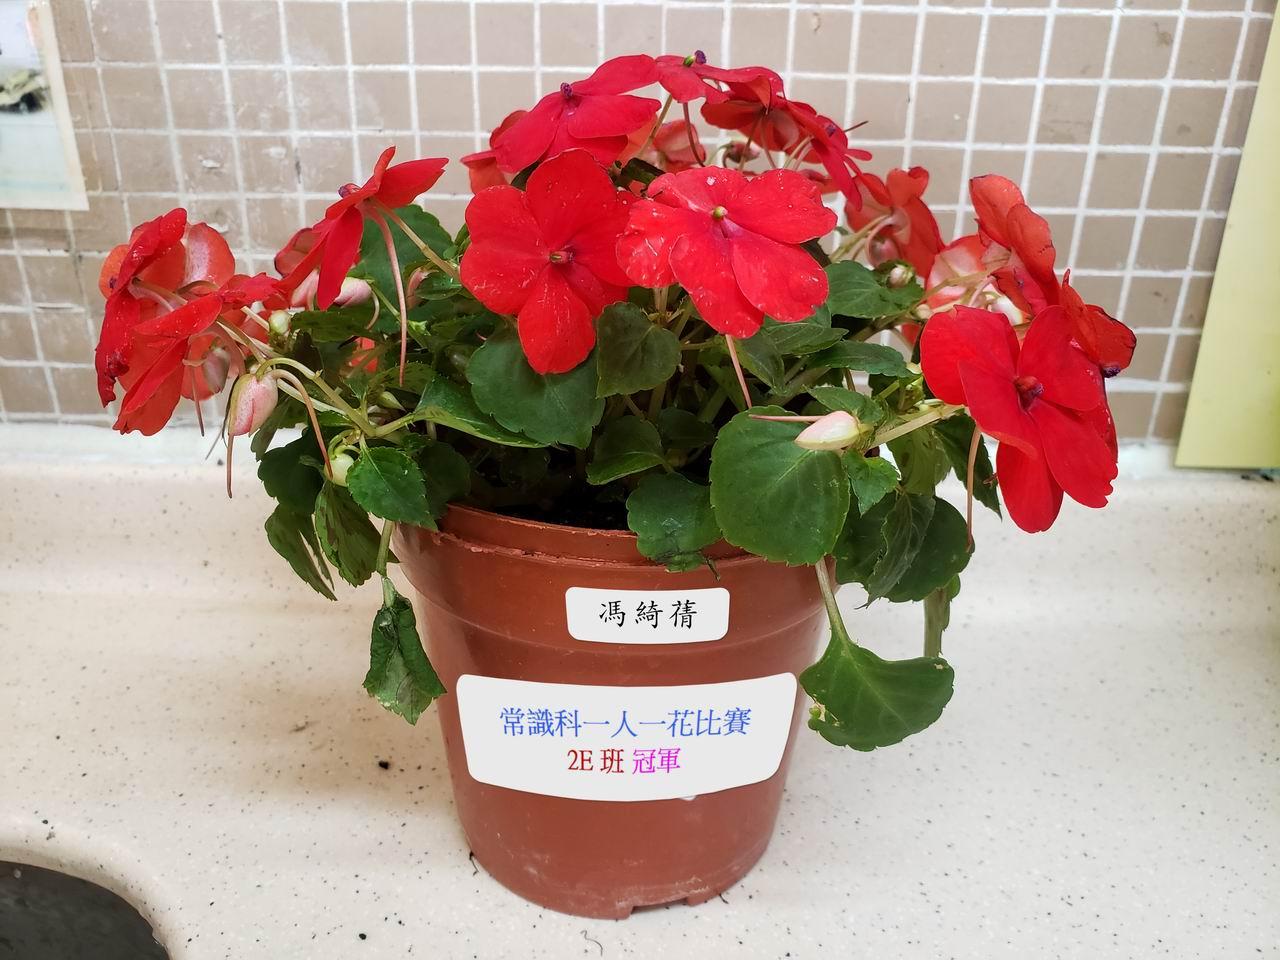 https://www.plkcjy.edu.hk/sites/default/files/diao_zheng_da_xiao_2e_guan_.jpg